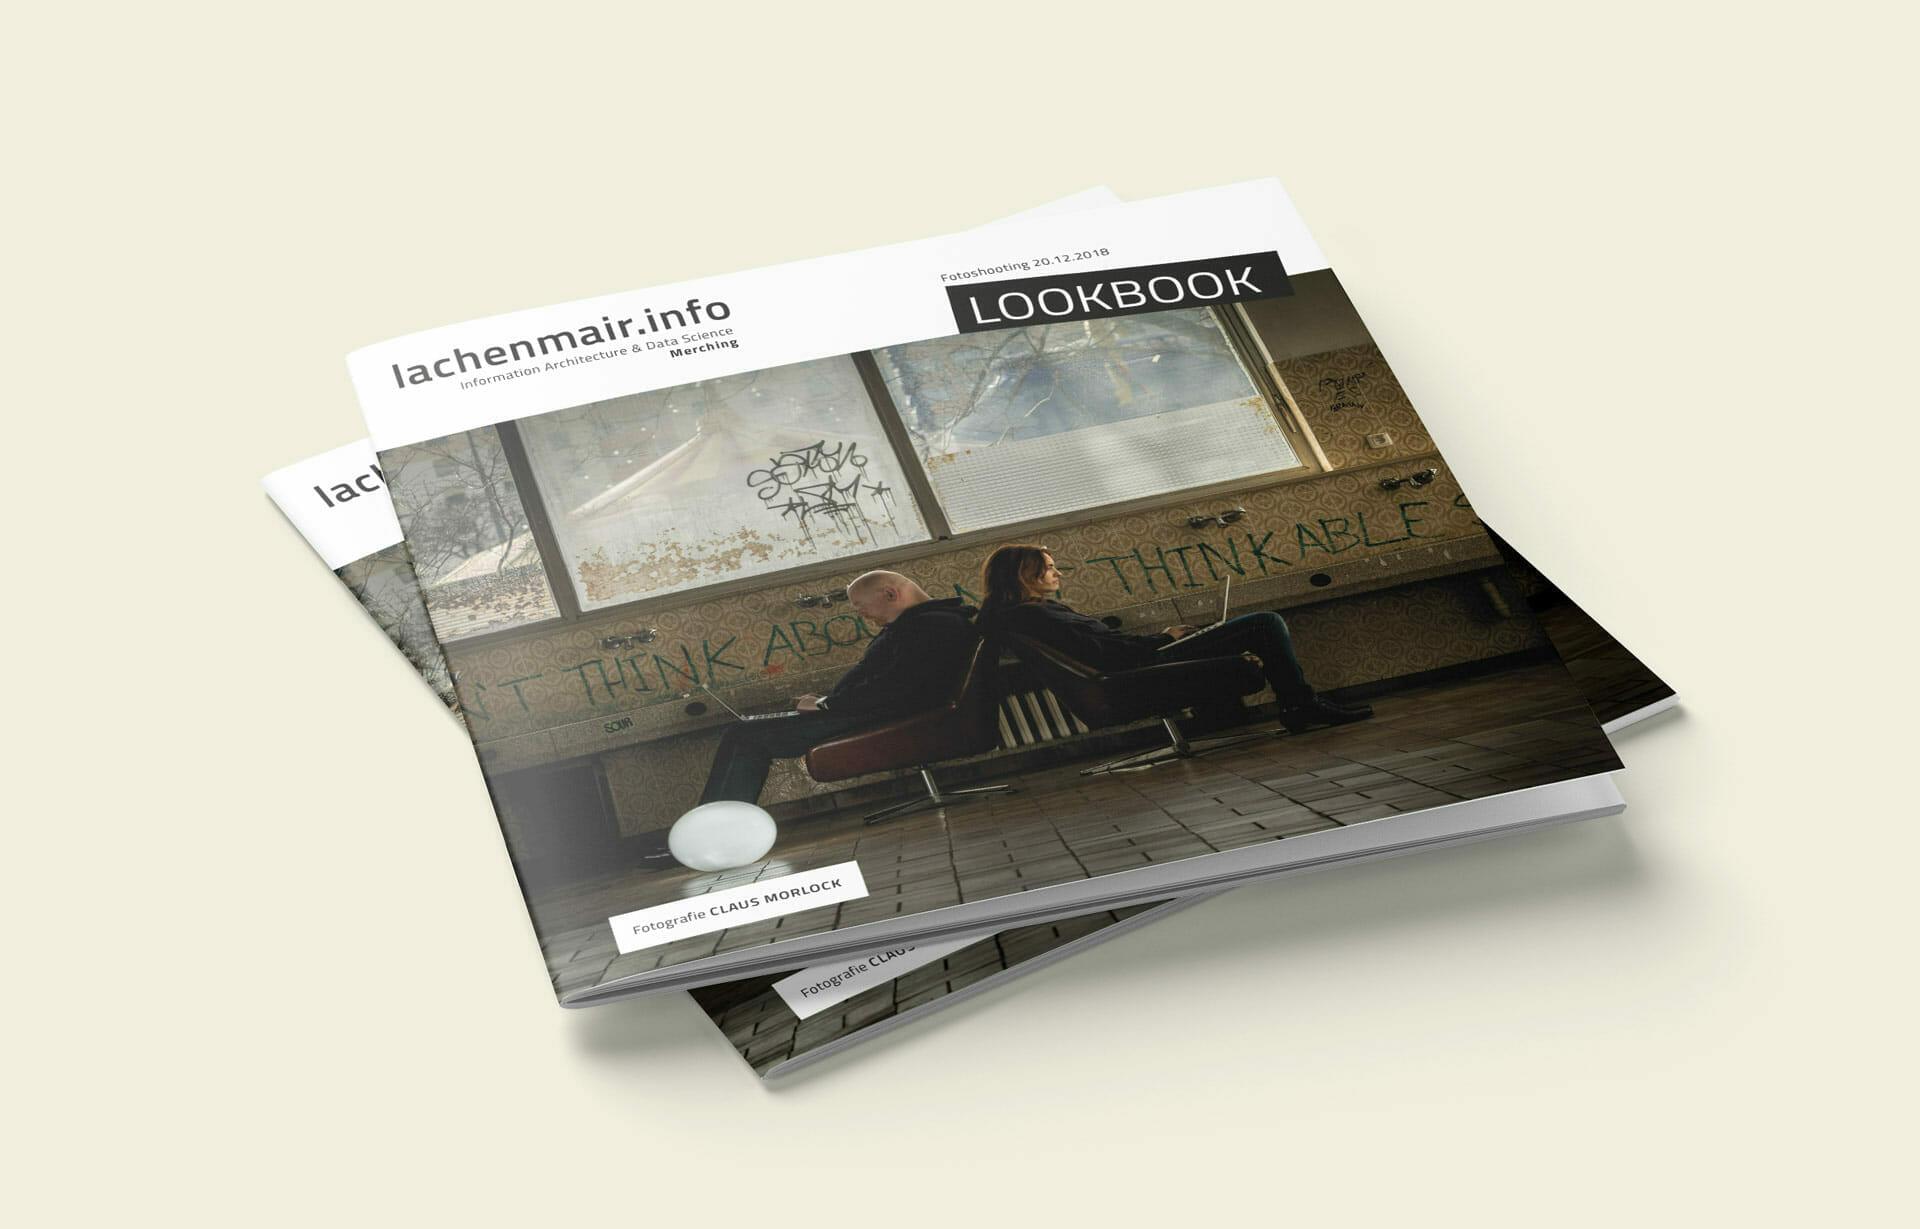 Shooting-Lookbook (Titel) für lachenmair.info